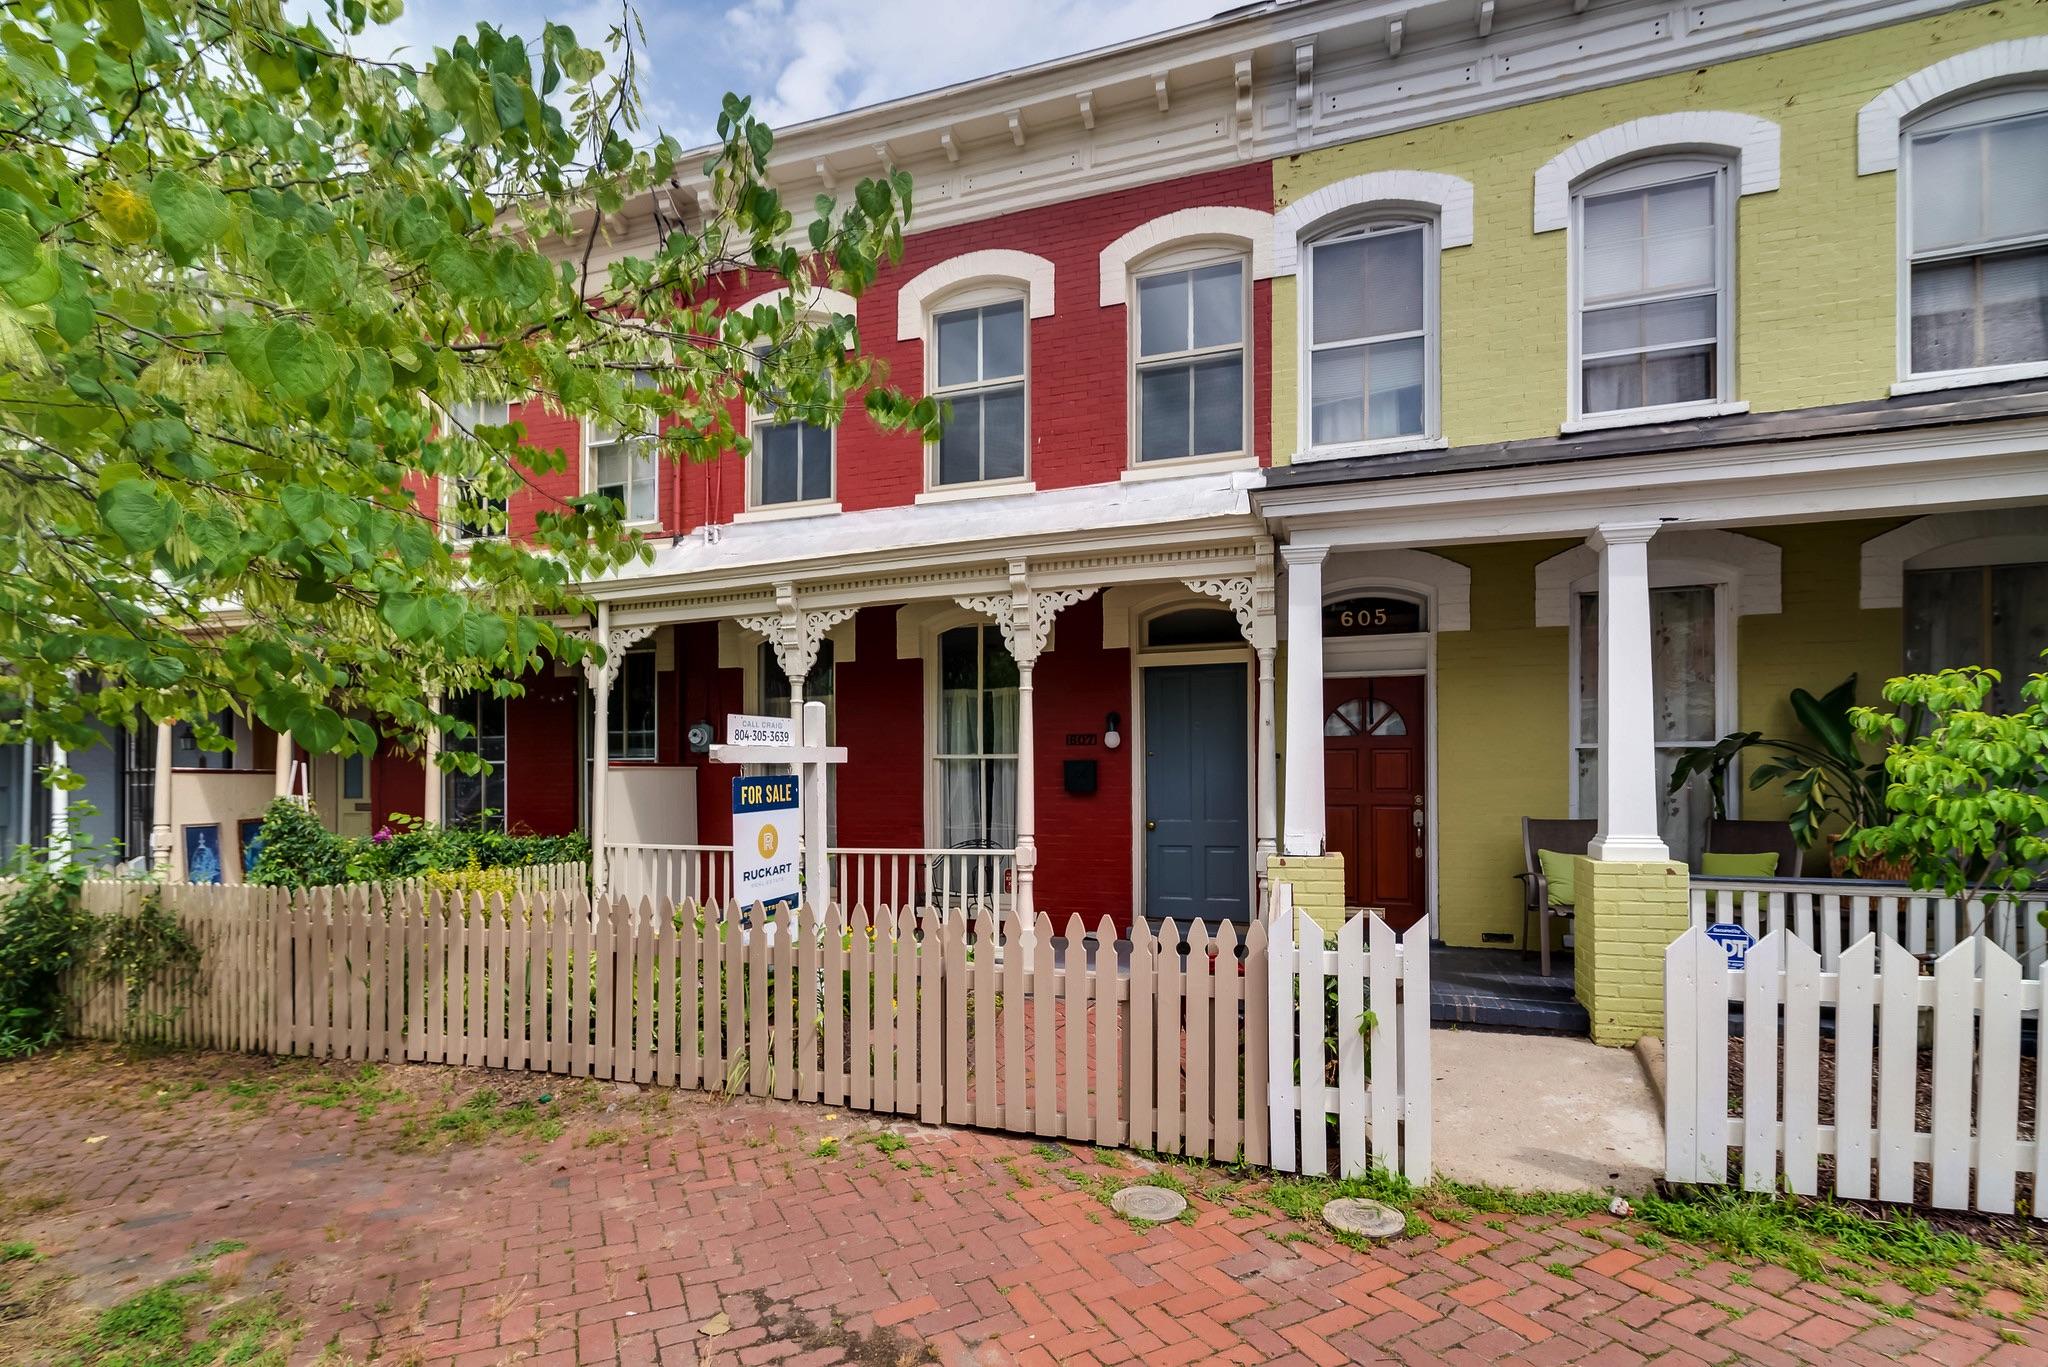 Italianate homes in Richmond